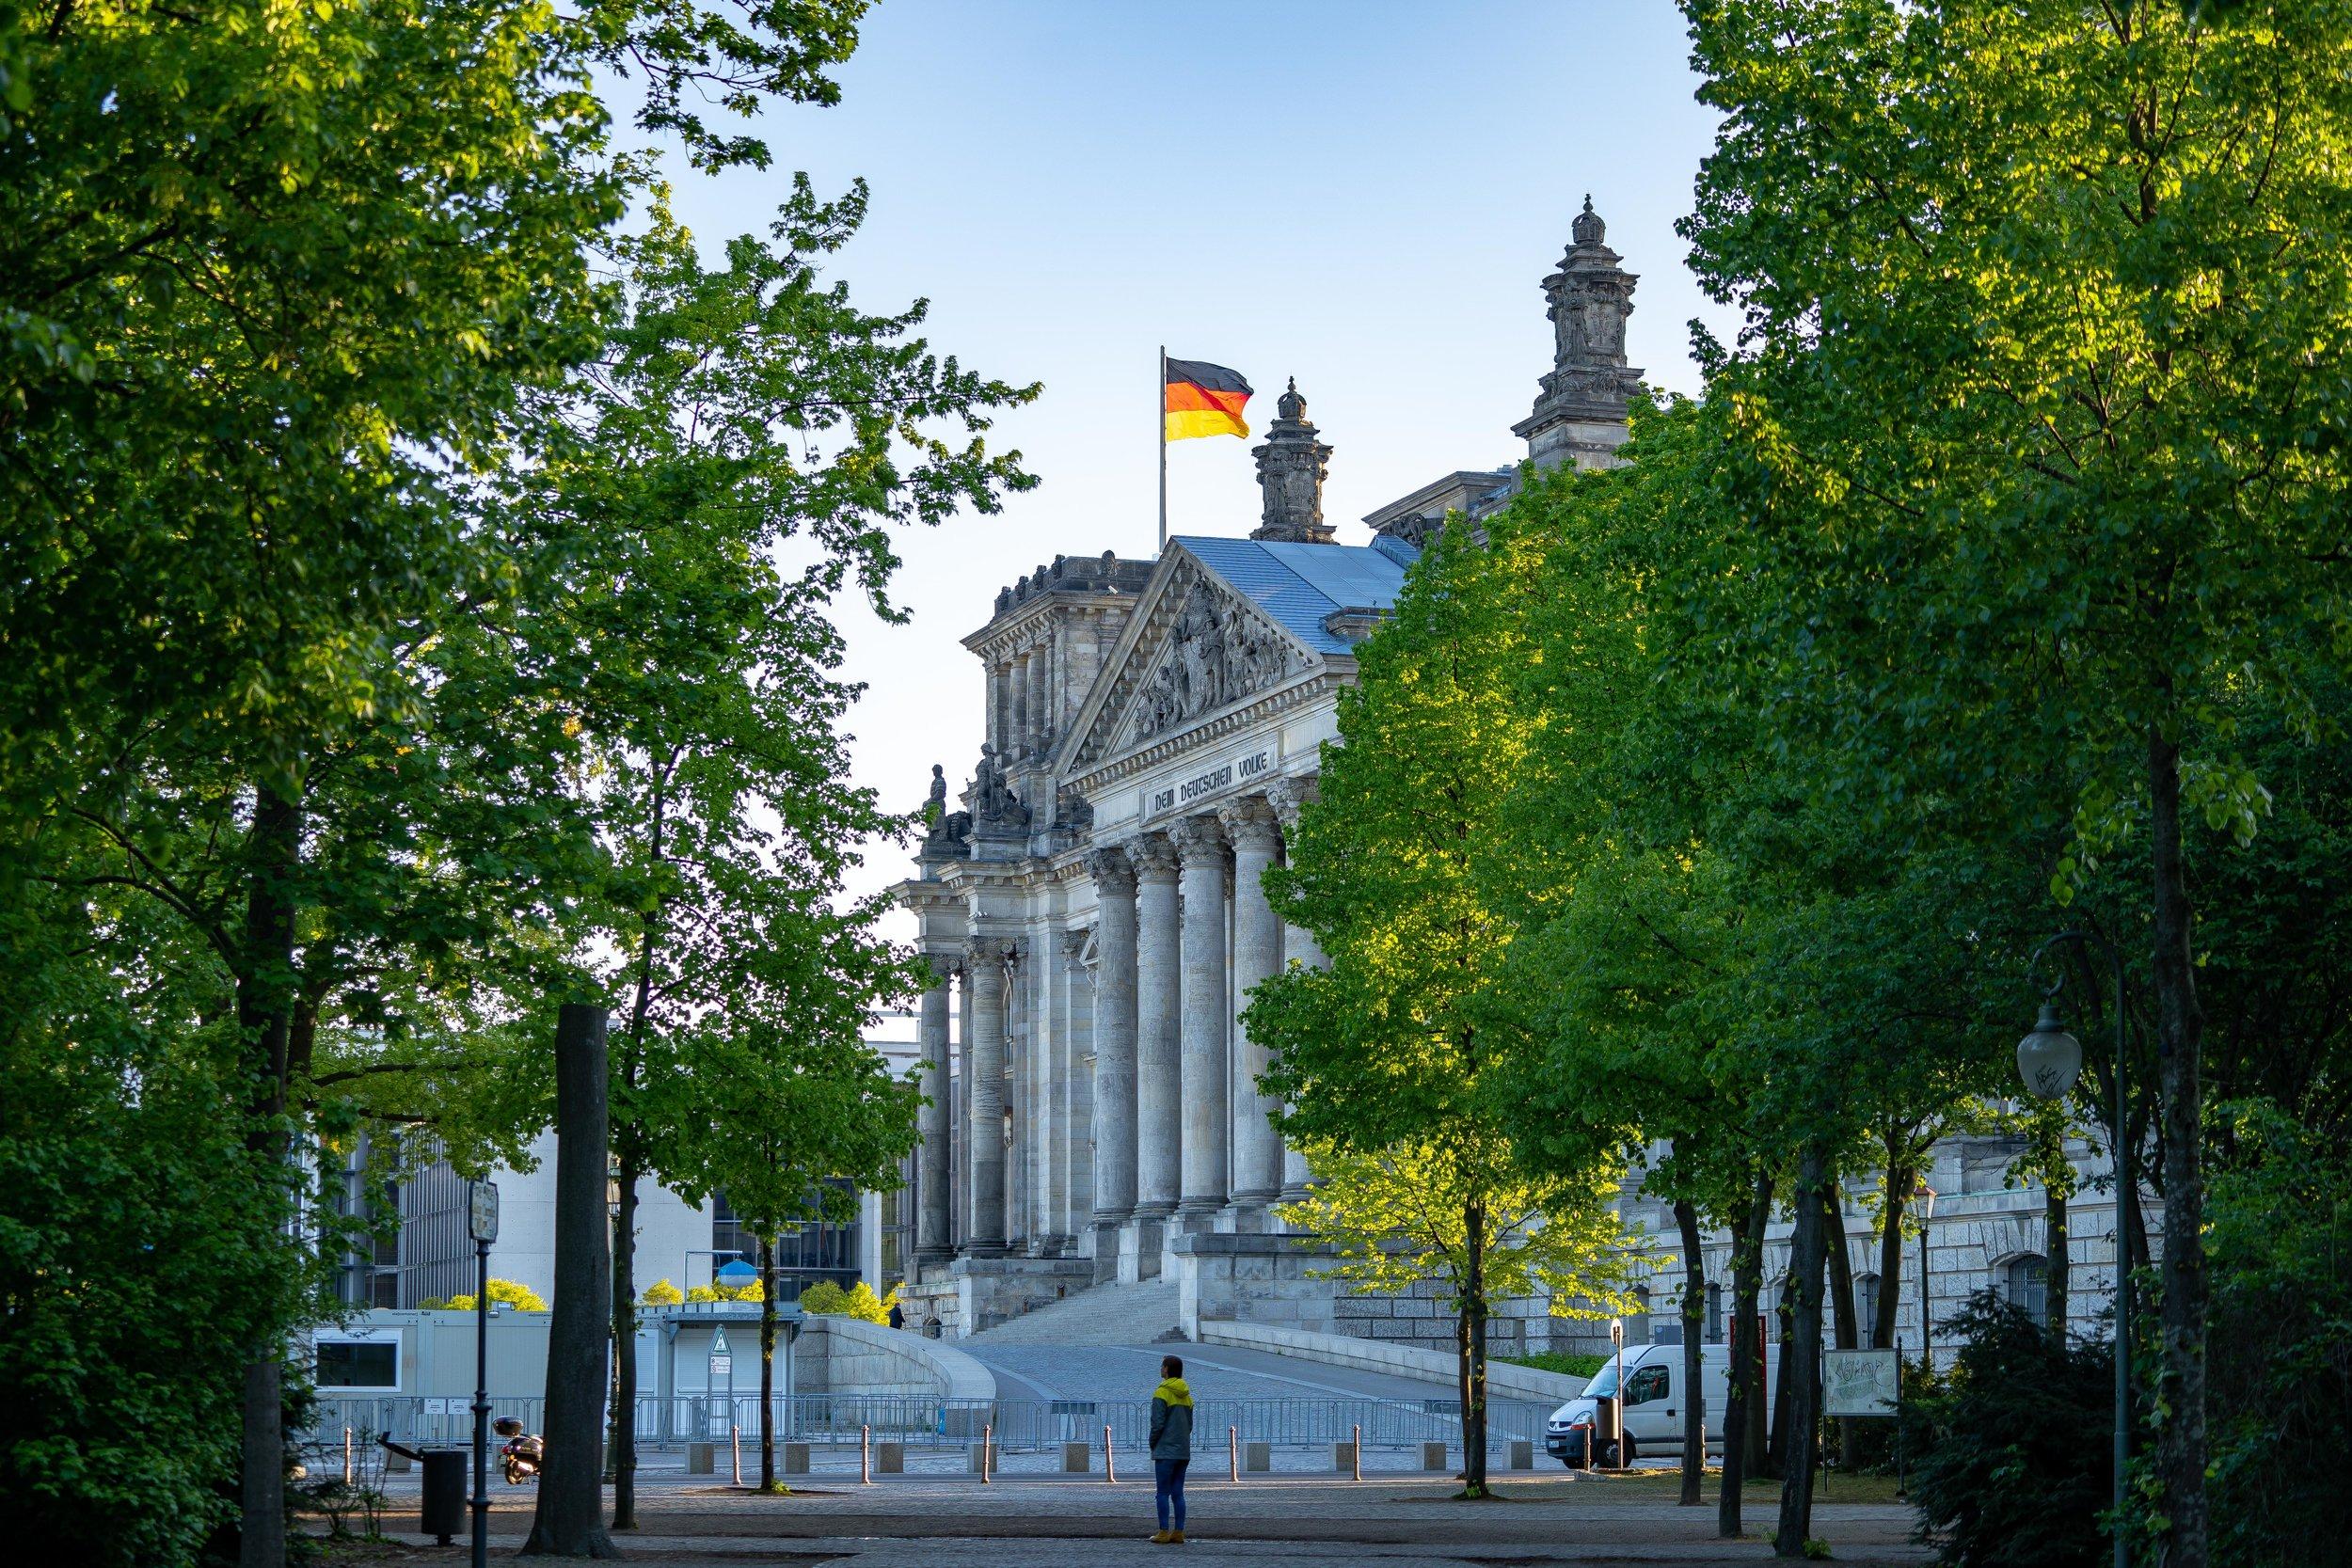 Reichstag Building from Tiergarten Park